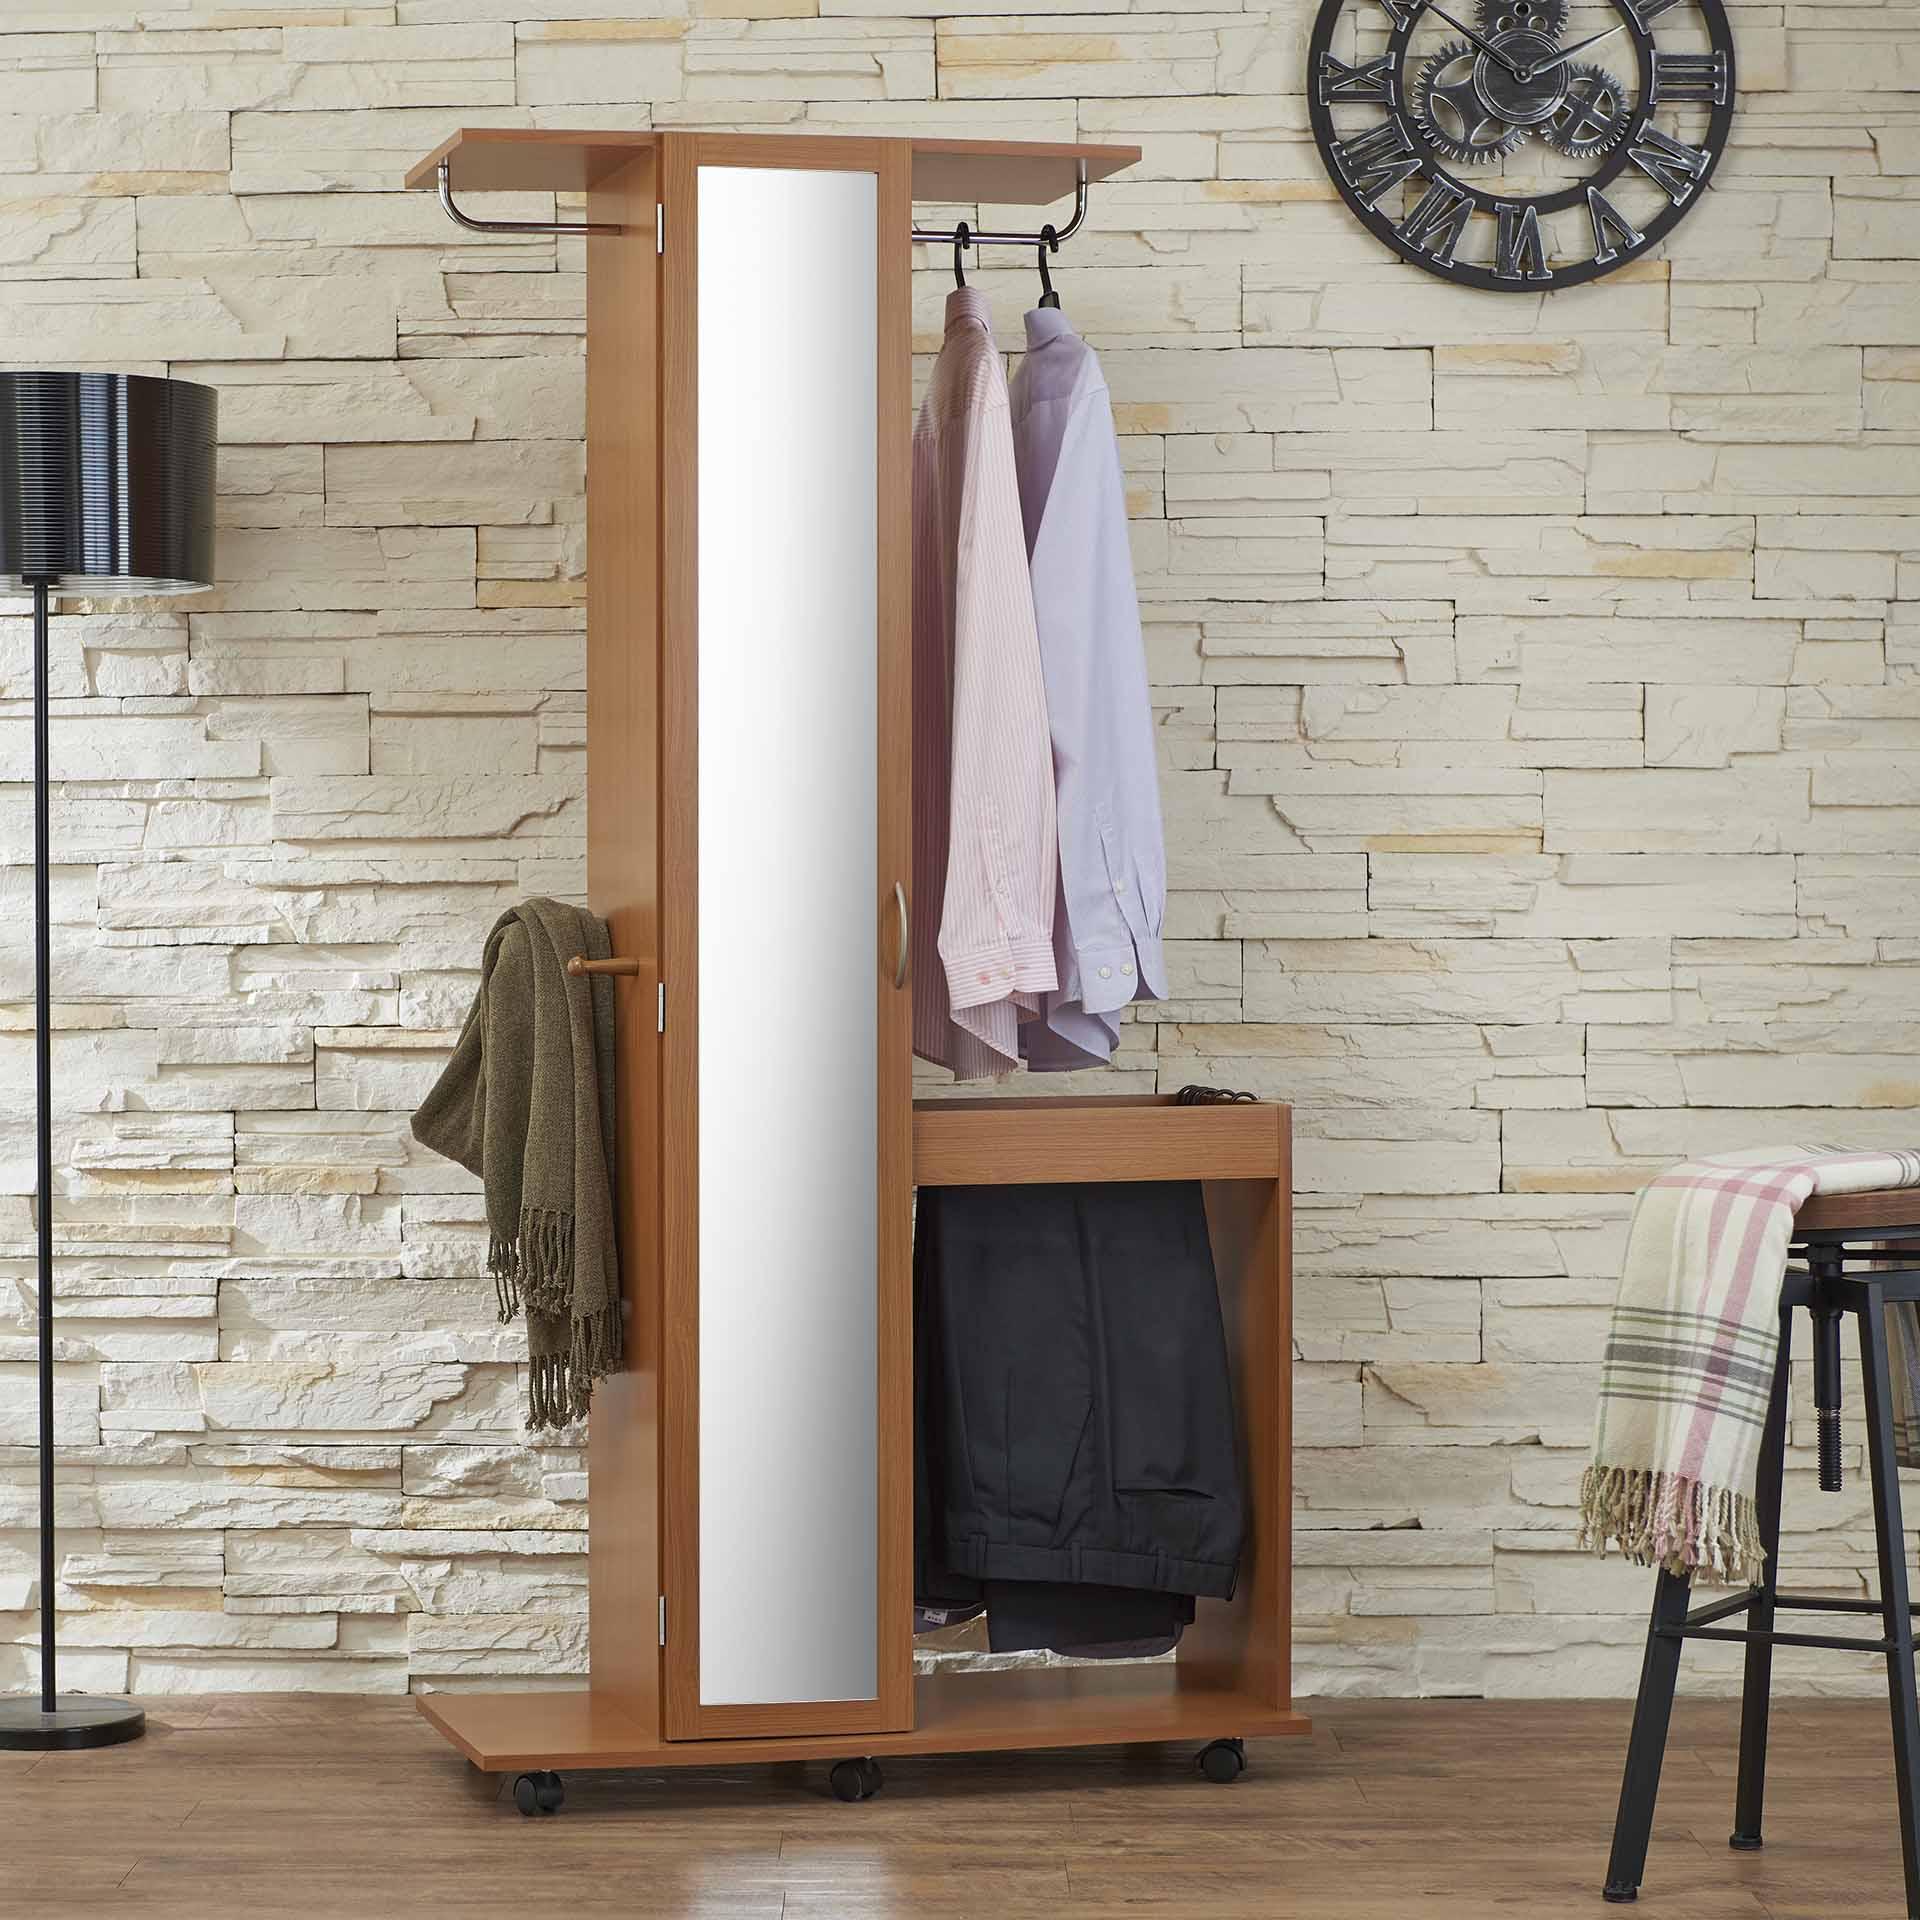 Kleiderschrank | Home Möbelhersteller - Sliceshinner